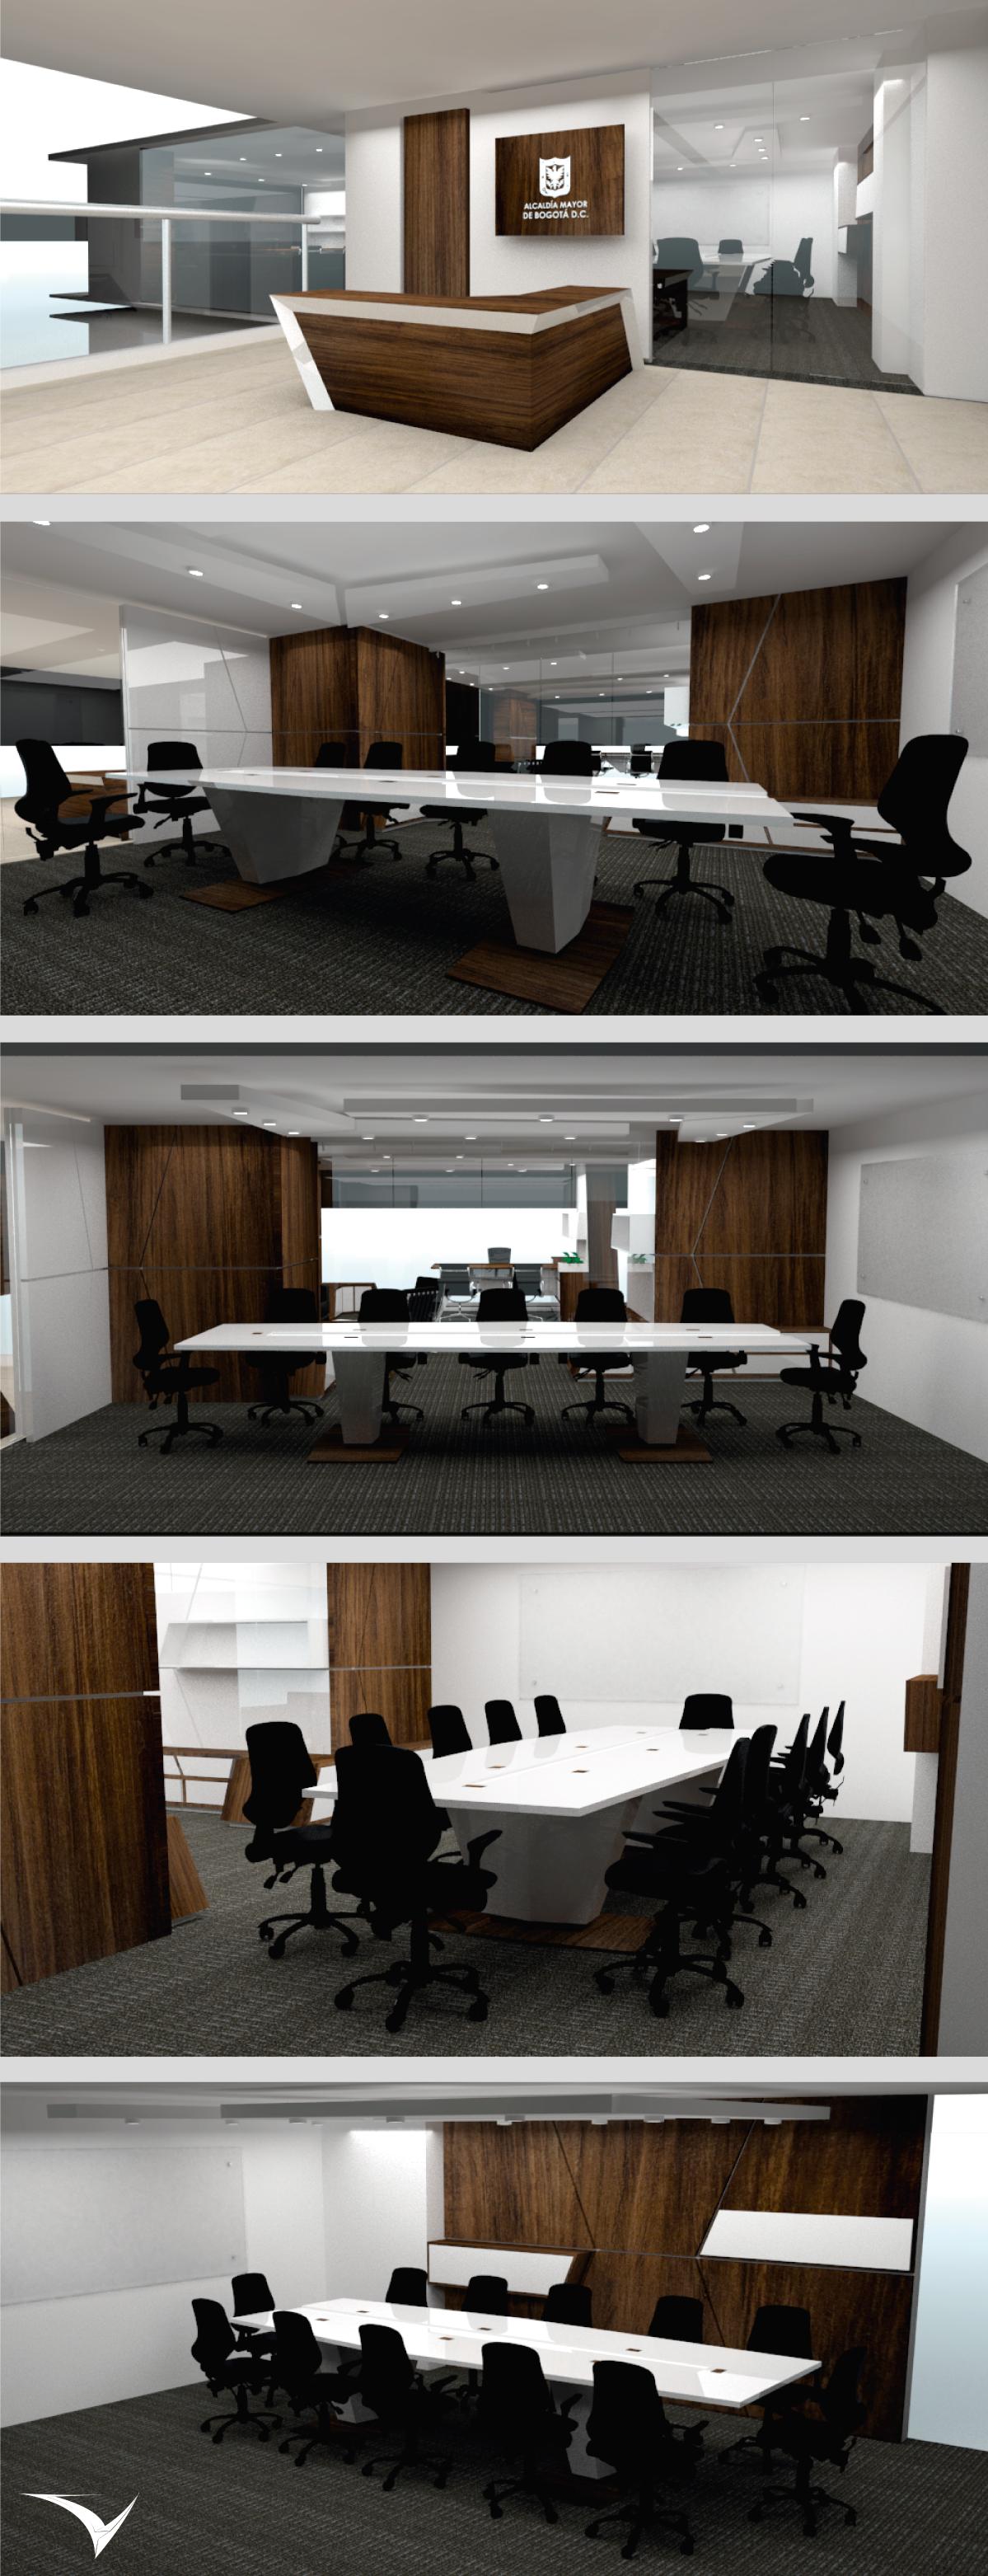 Proyecto De Interiorismo Sala De Juntas Alcald A De Fontib N  # Muebles Fontibon